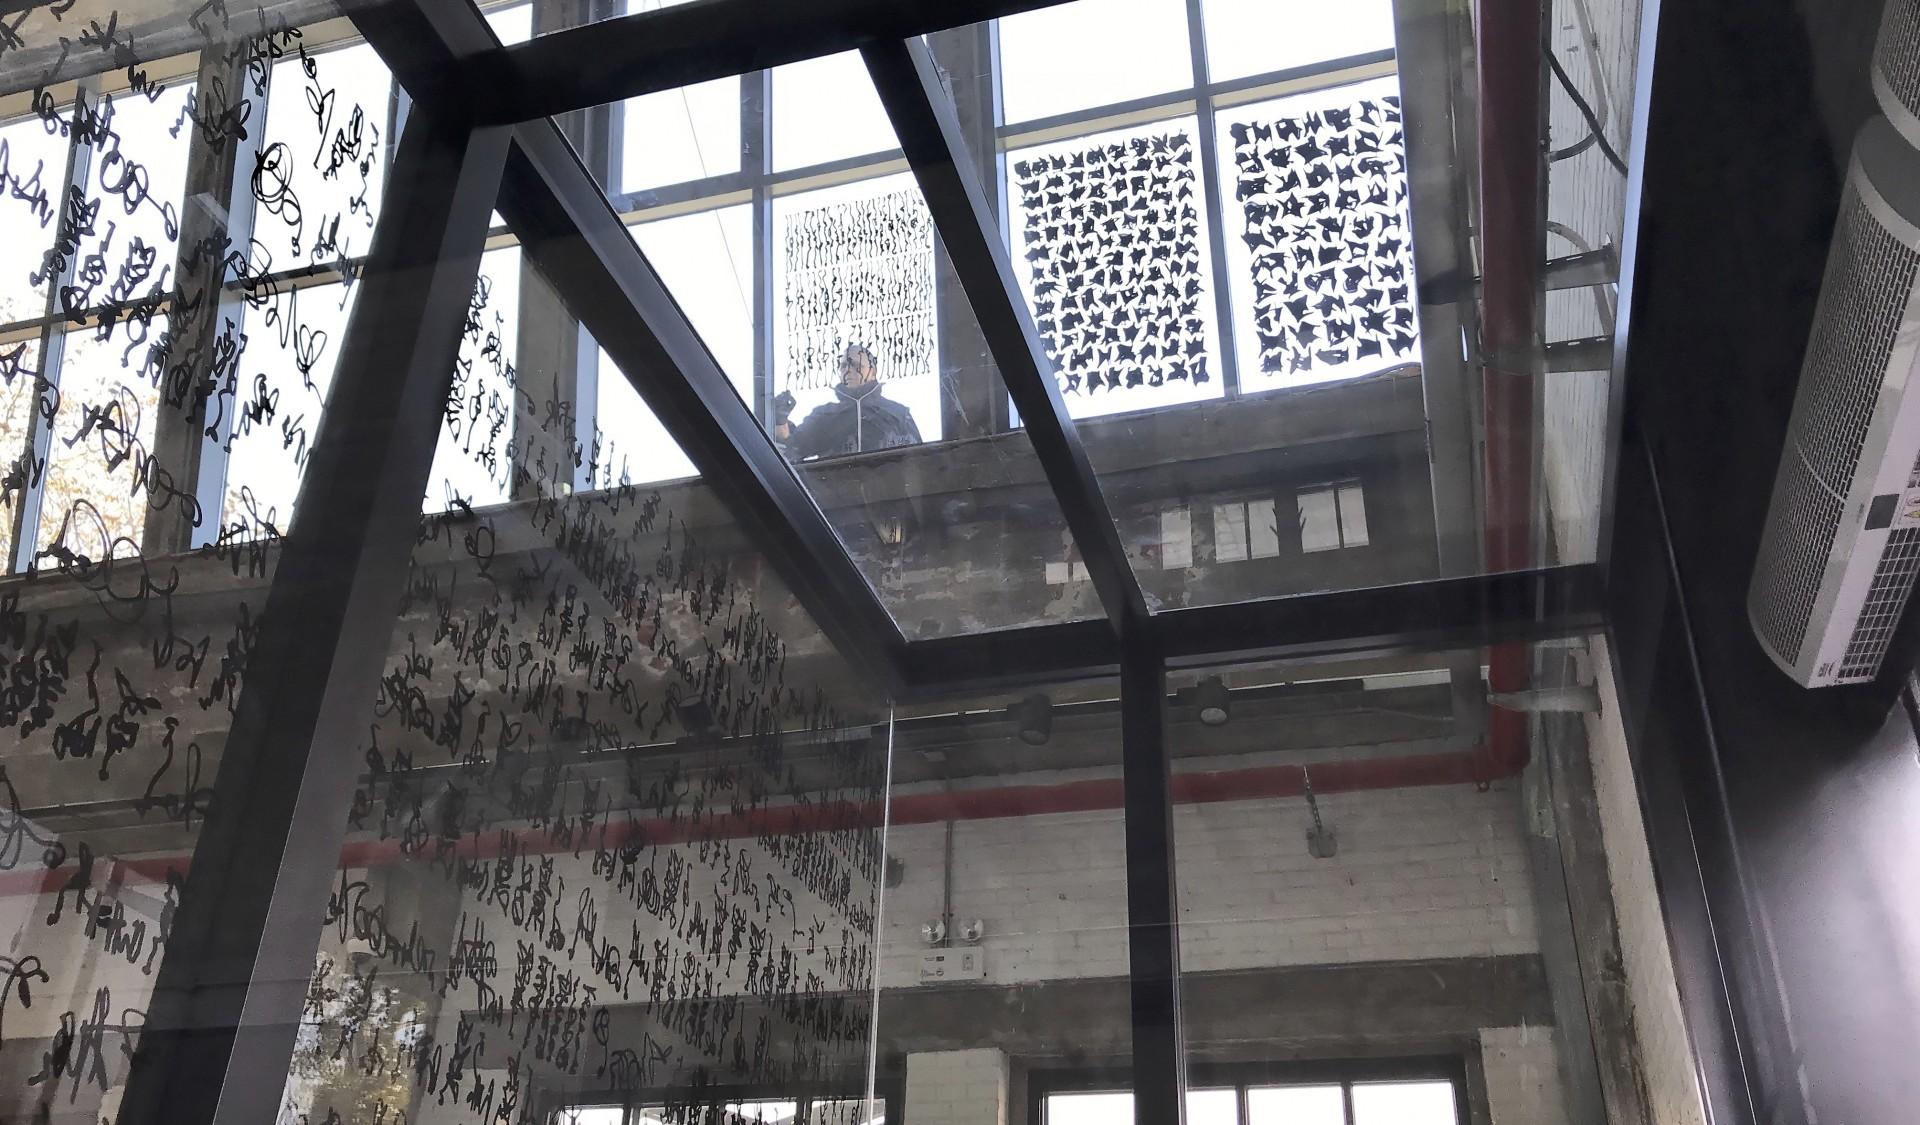 Schreib-Performance, obere Fensterfront, 22/11/2018, Foto: Anna Malik